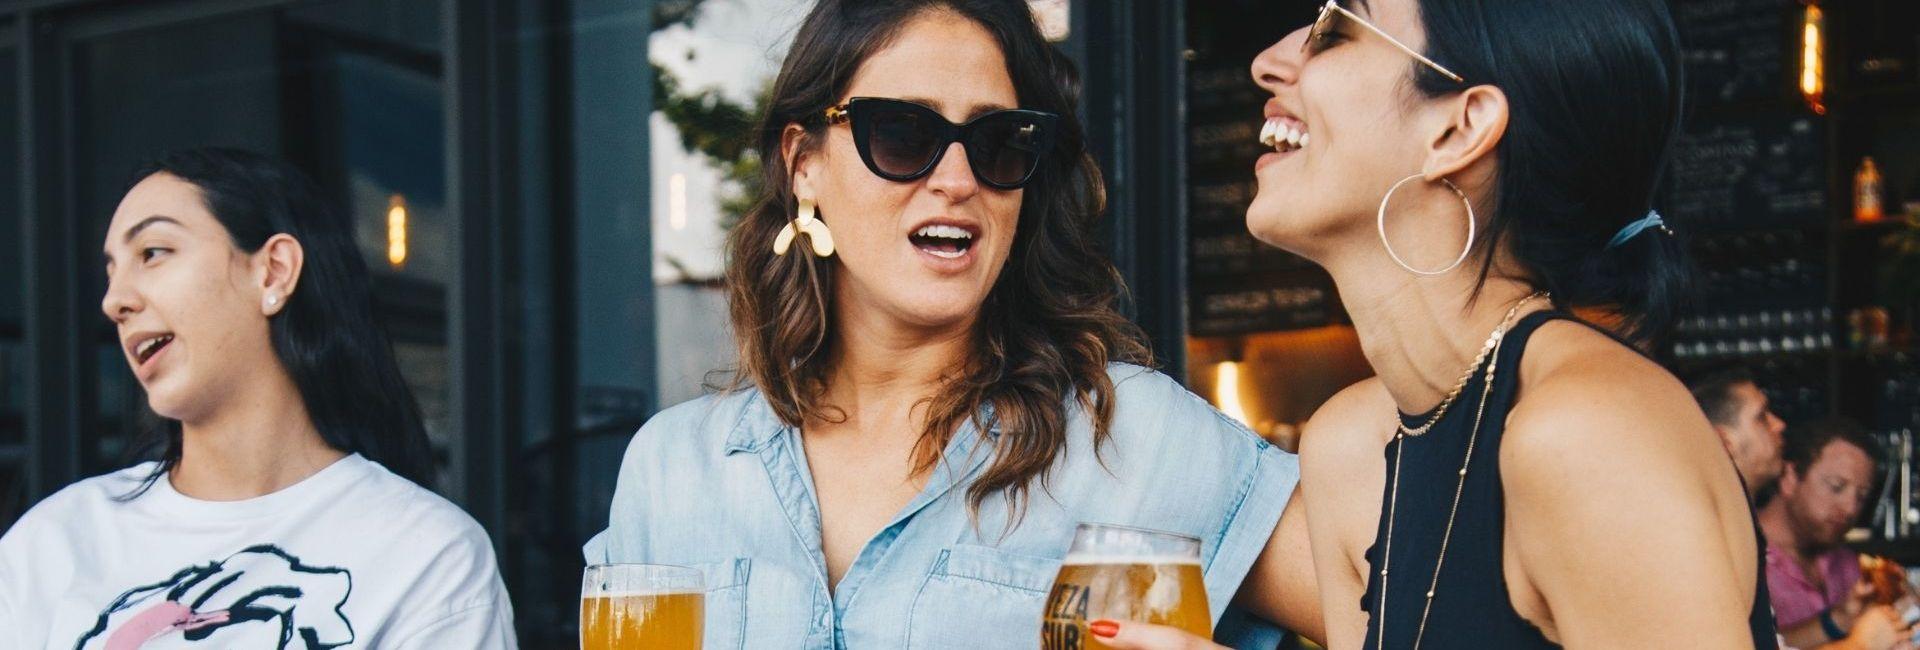 Deux femmes en terrasse avec une biere